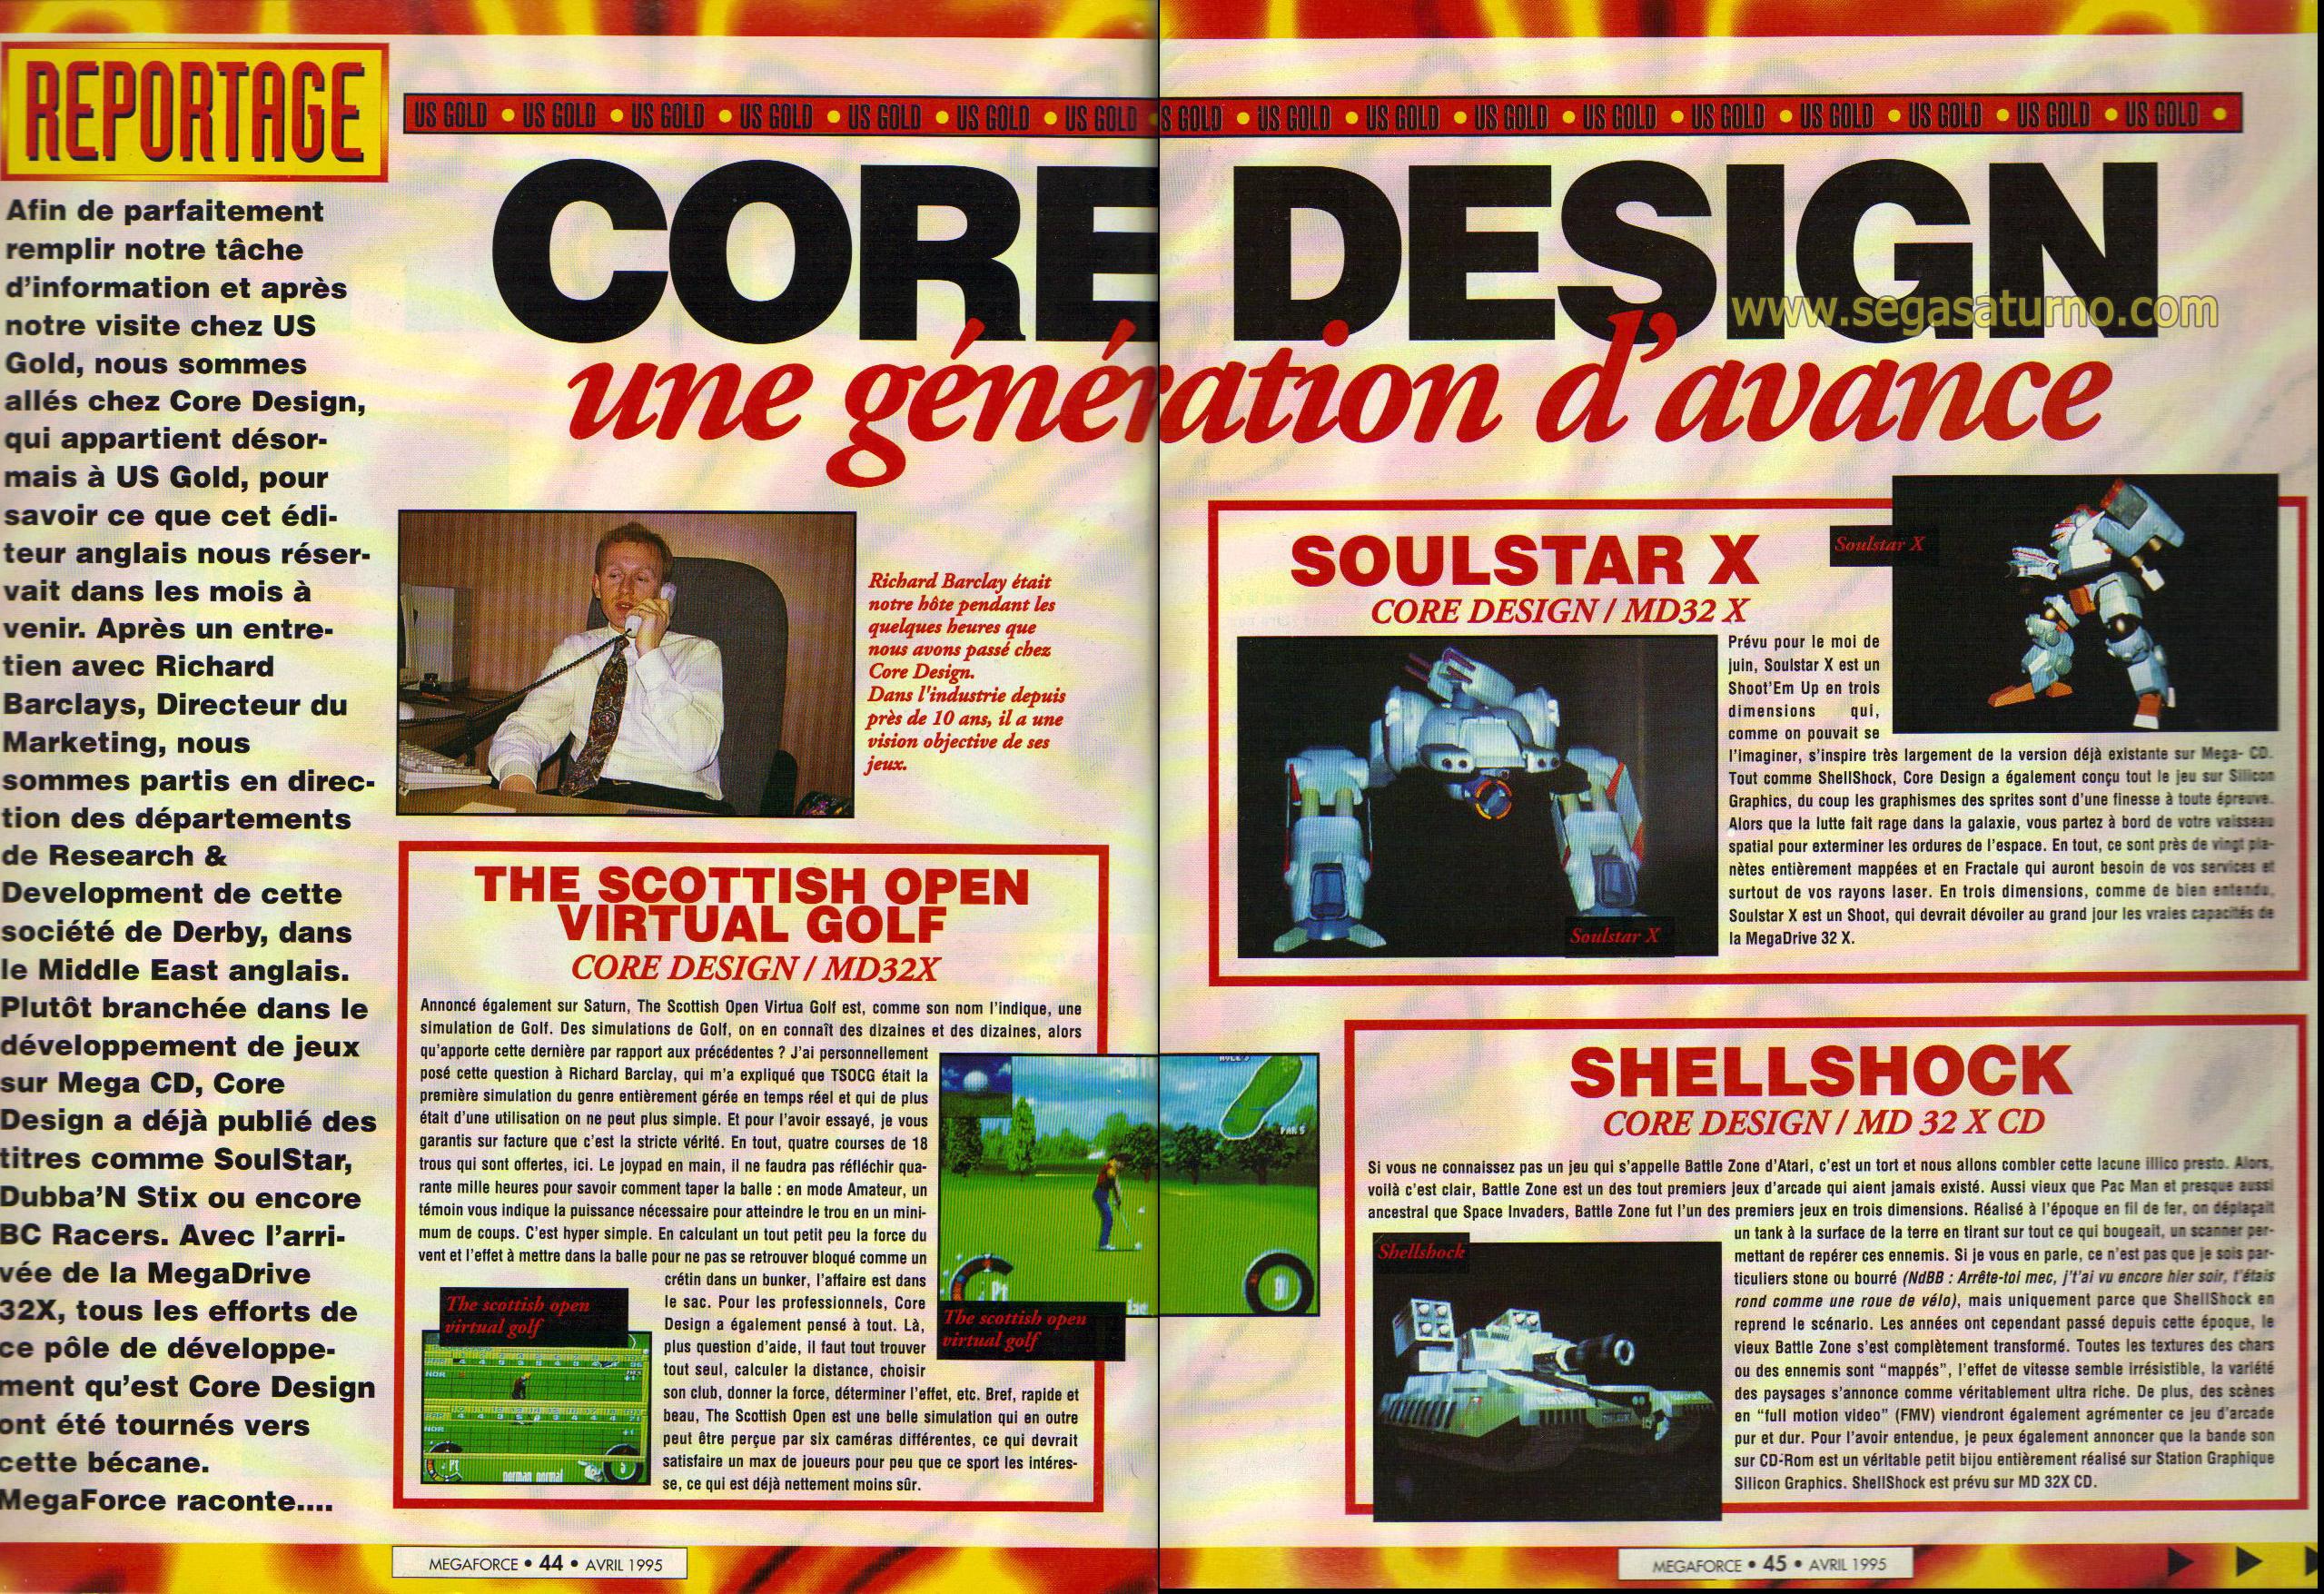 Resultado de imagen para core design games